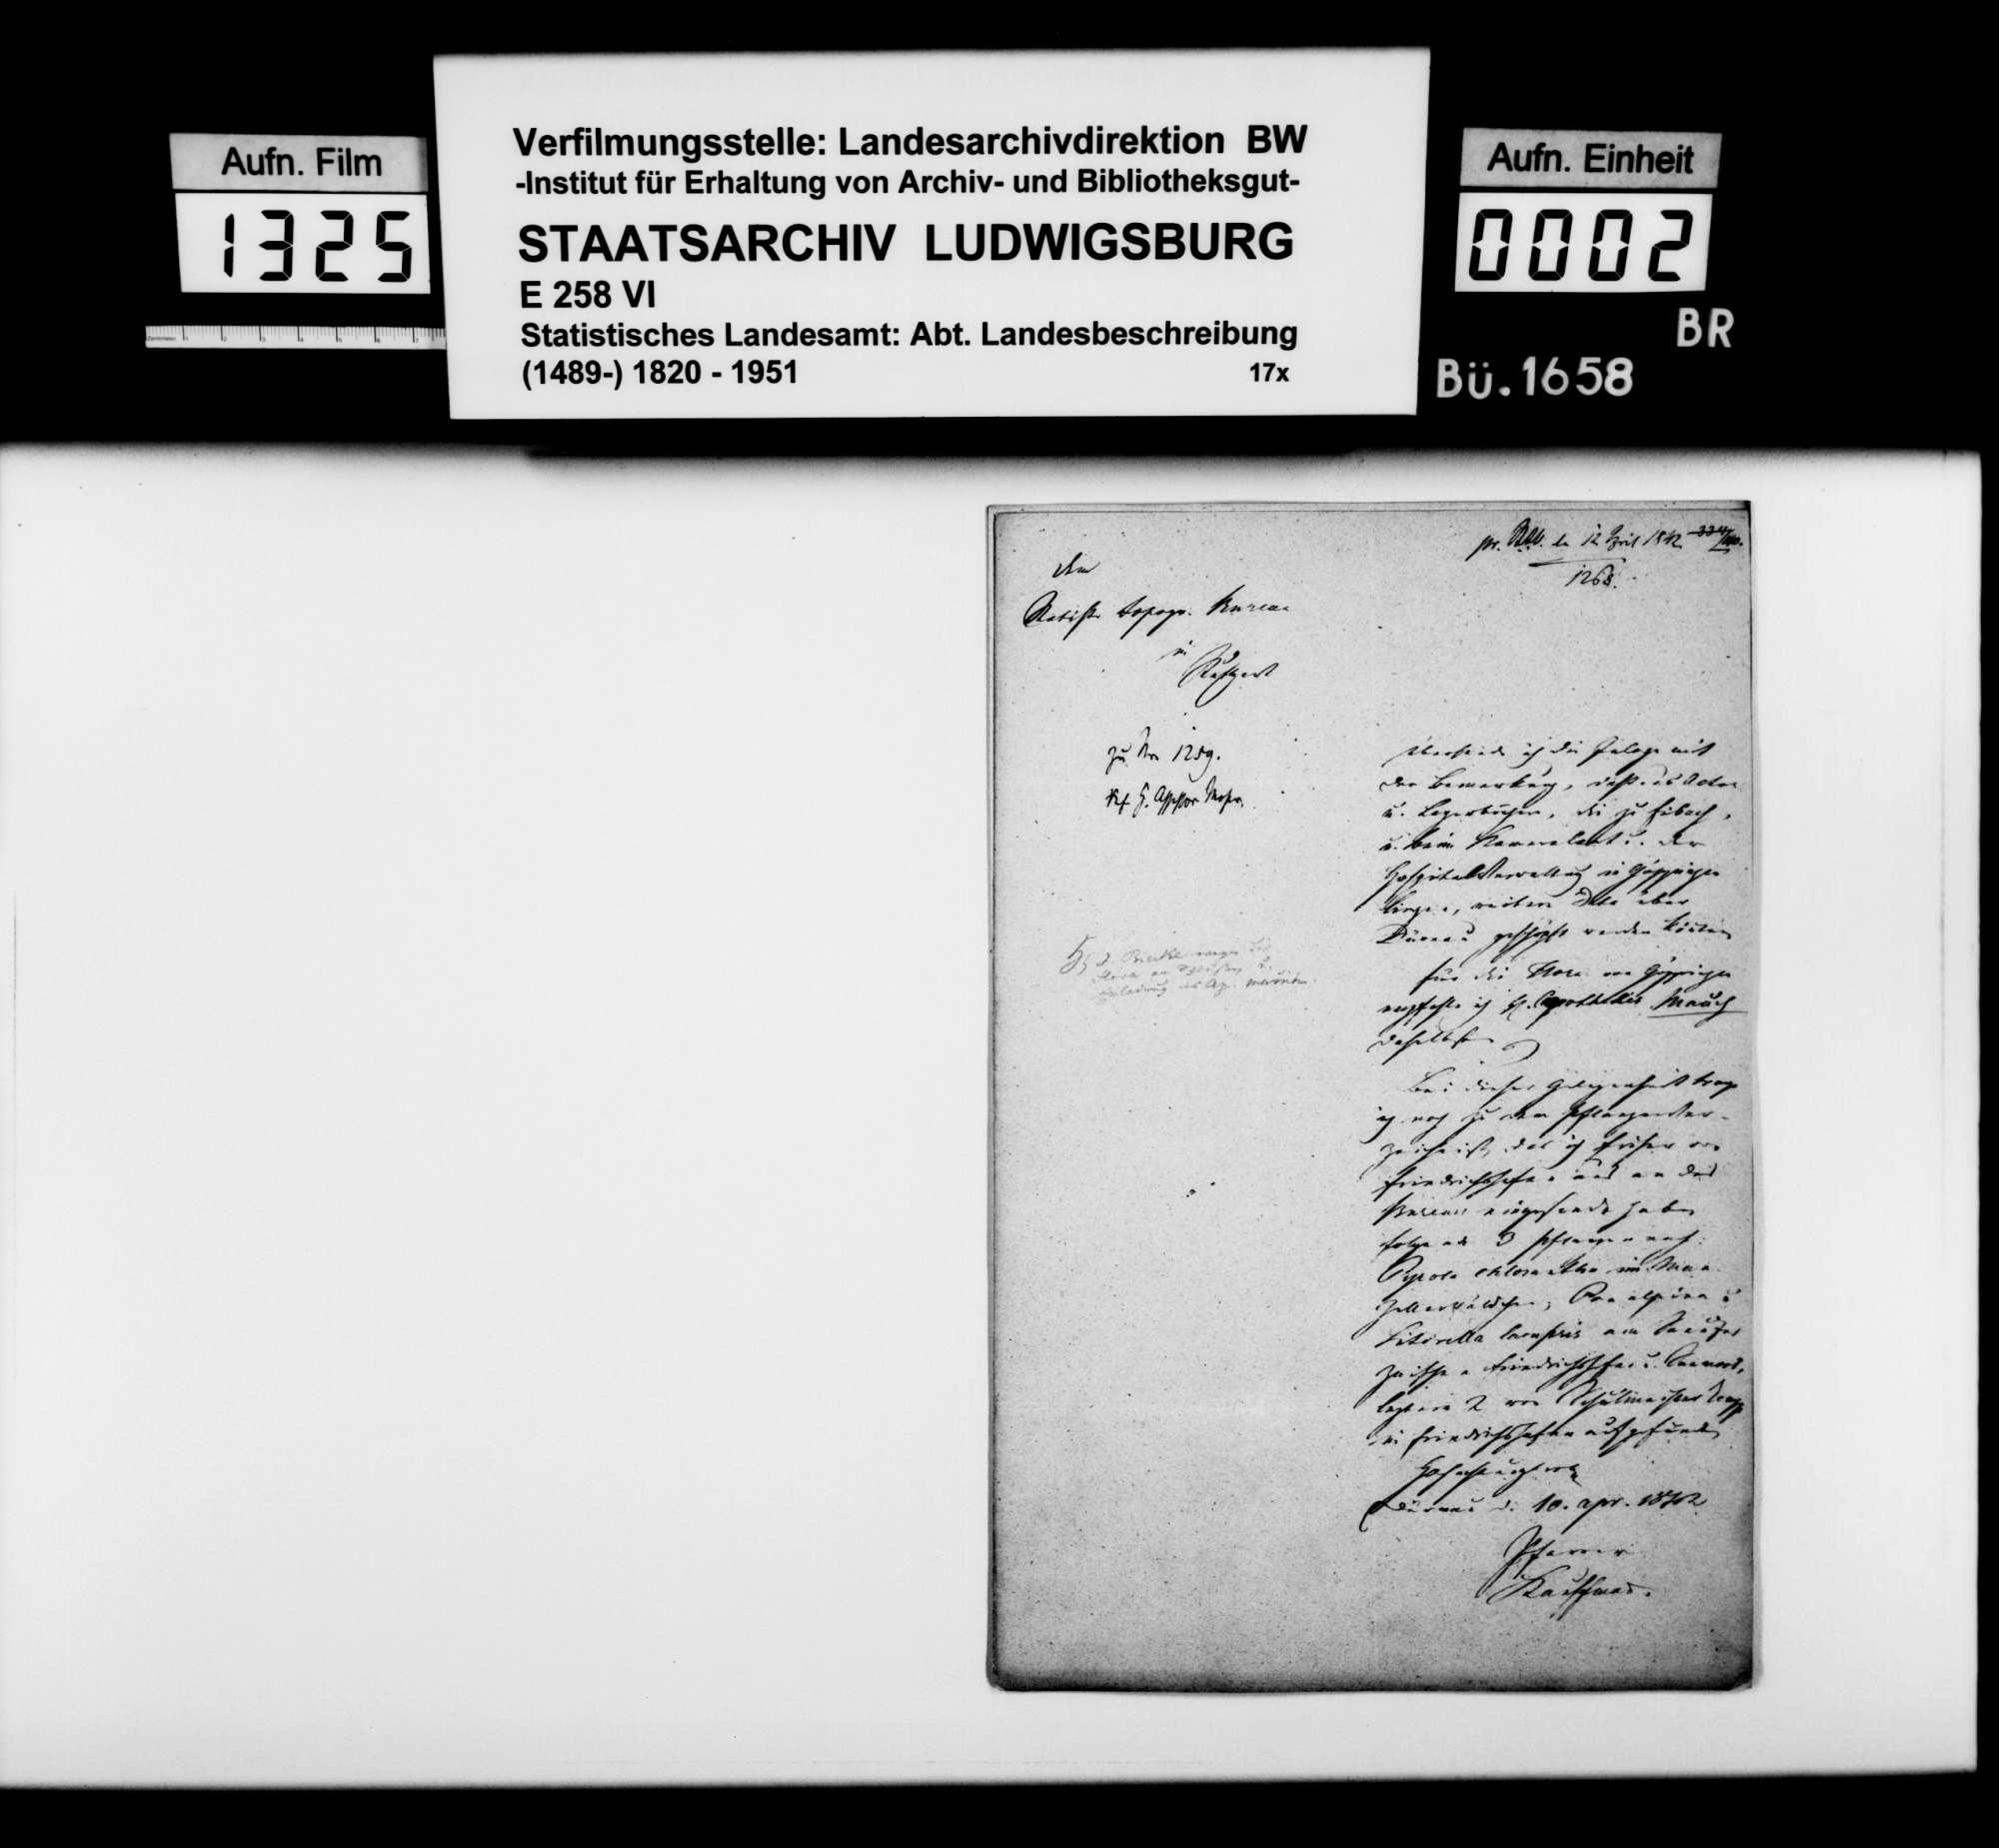 Mitteilungen des Pfarrers Kauffmann zur Ortsbeschreibung von Dürnau und Gammelshausen, Bild 1